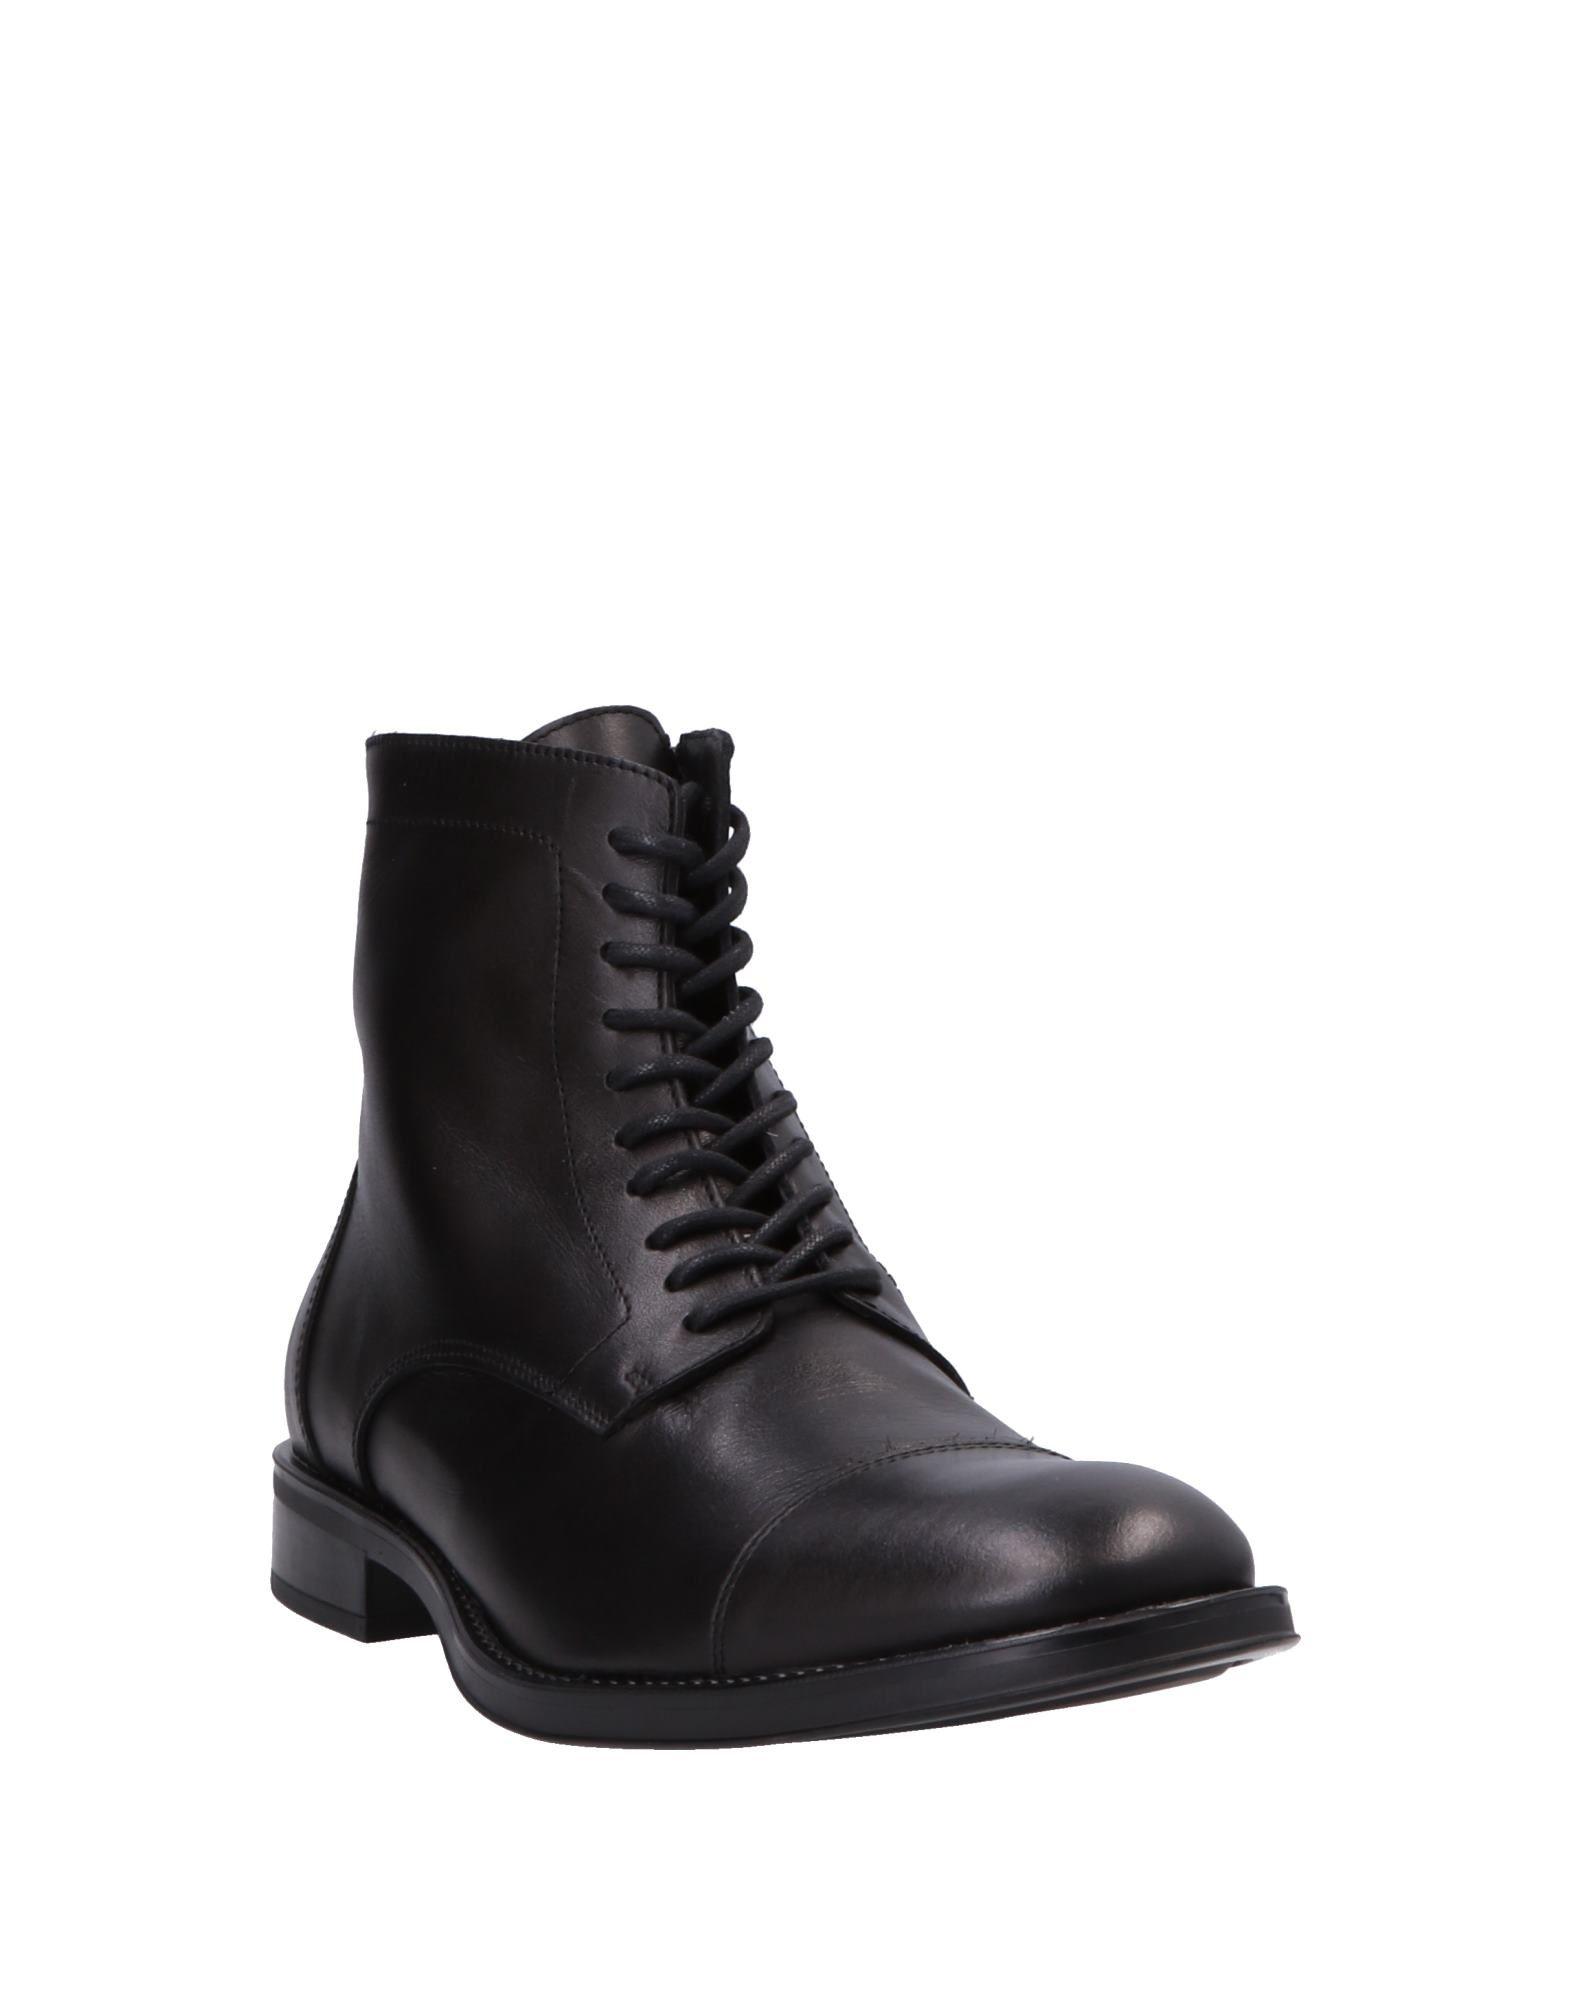 Gianfranco Lattanzi Stiefelette Herren   Herren 11556379JJ Gute Qualität beliebte Schuhe 152b36